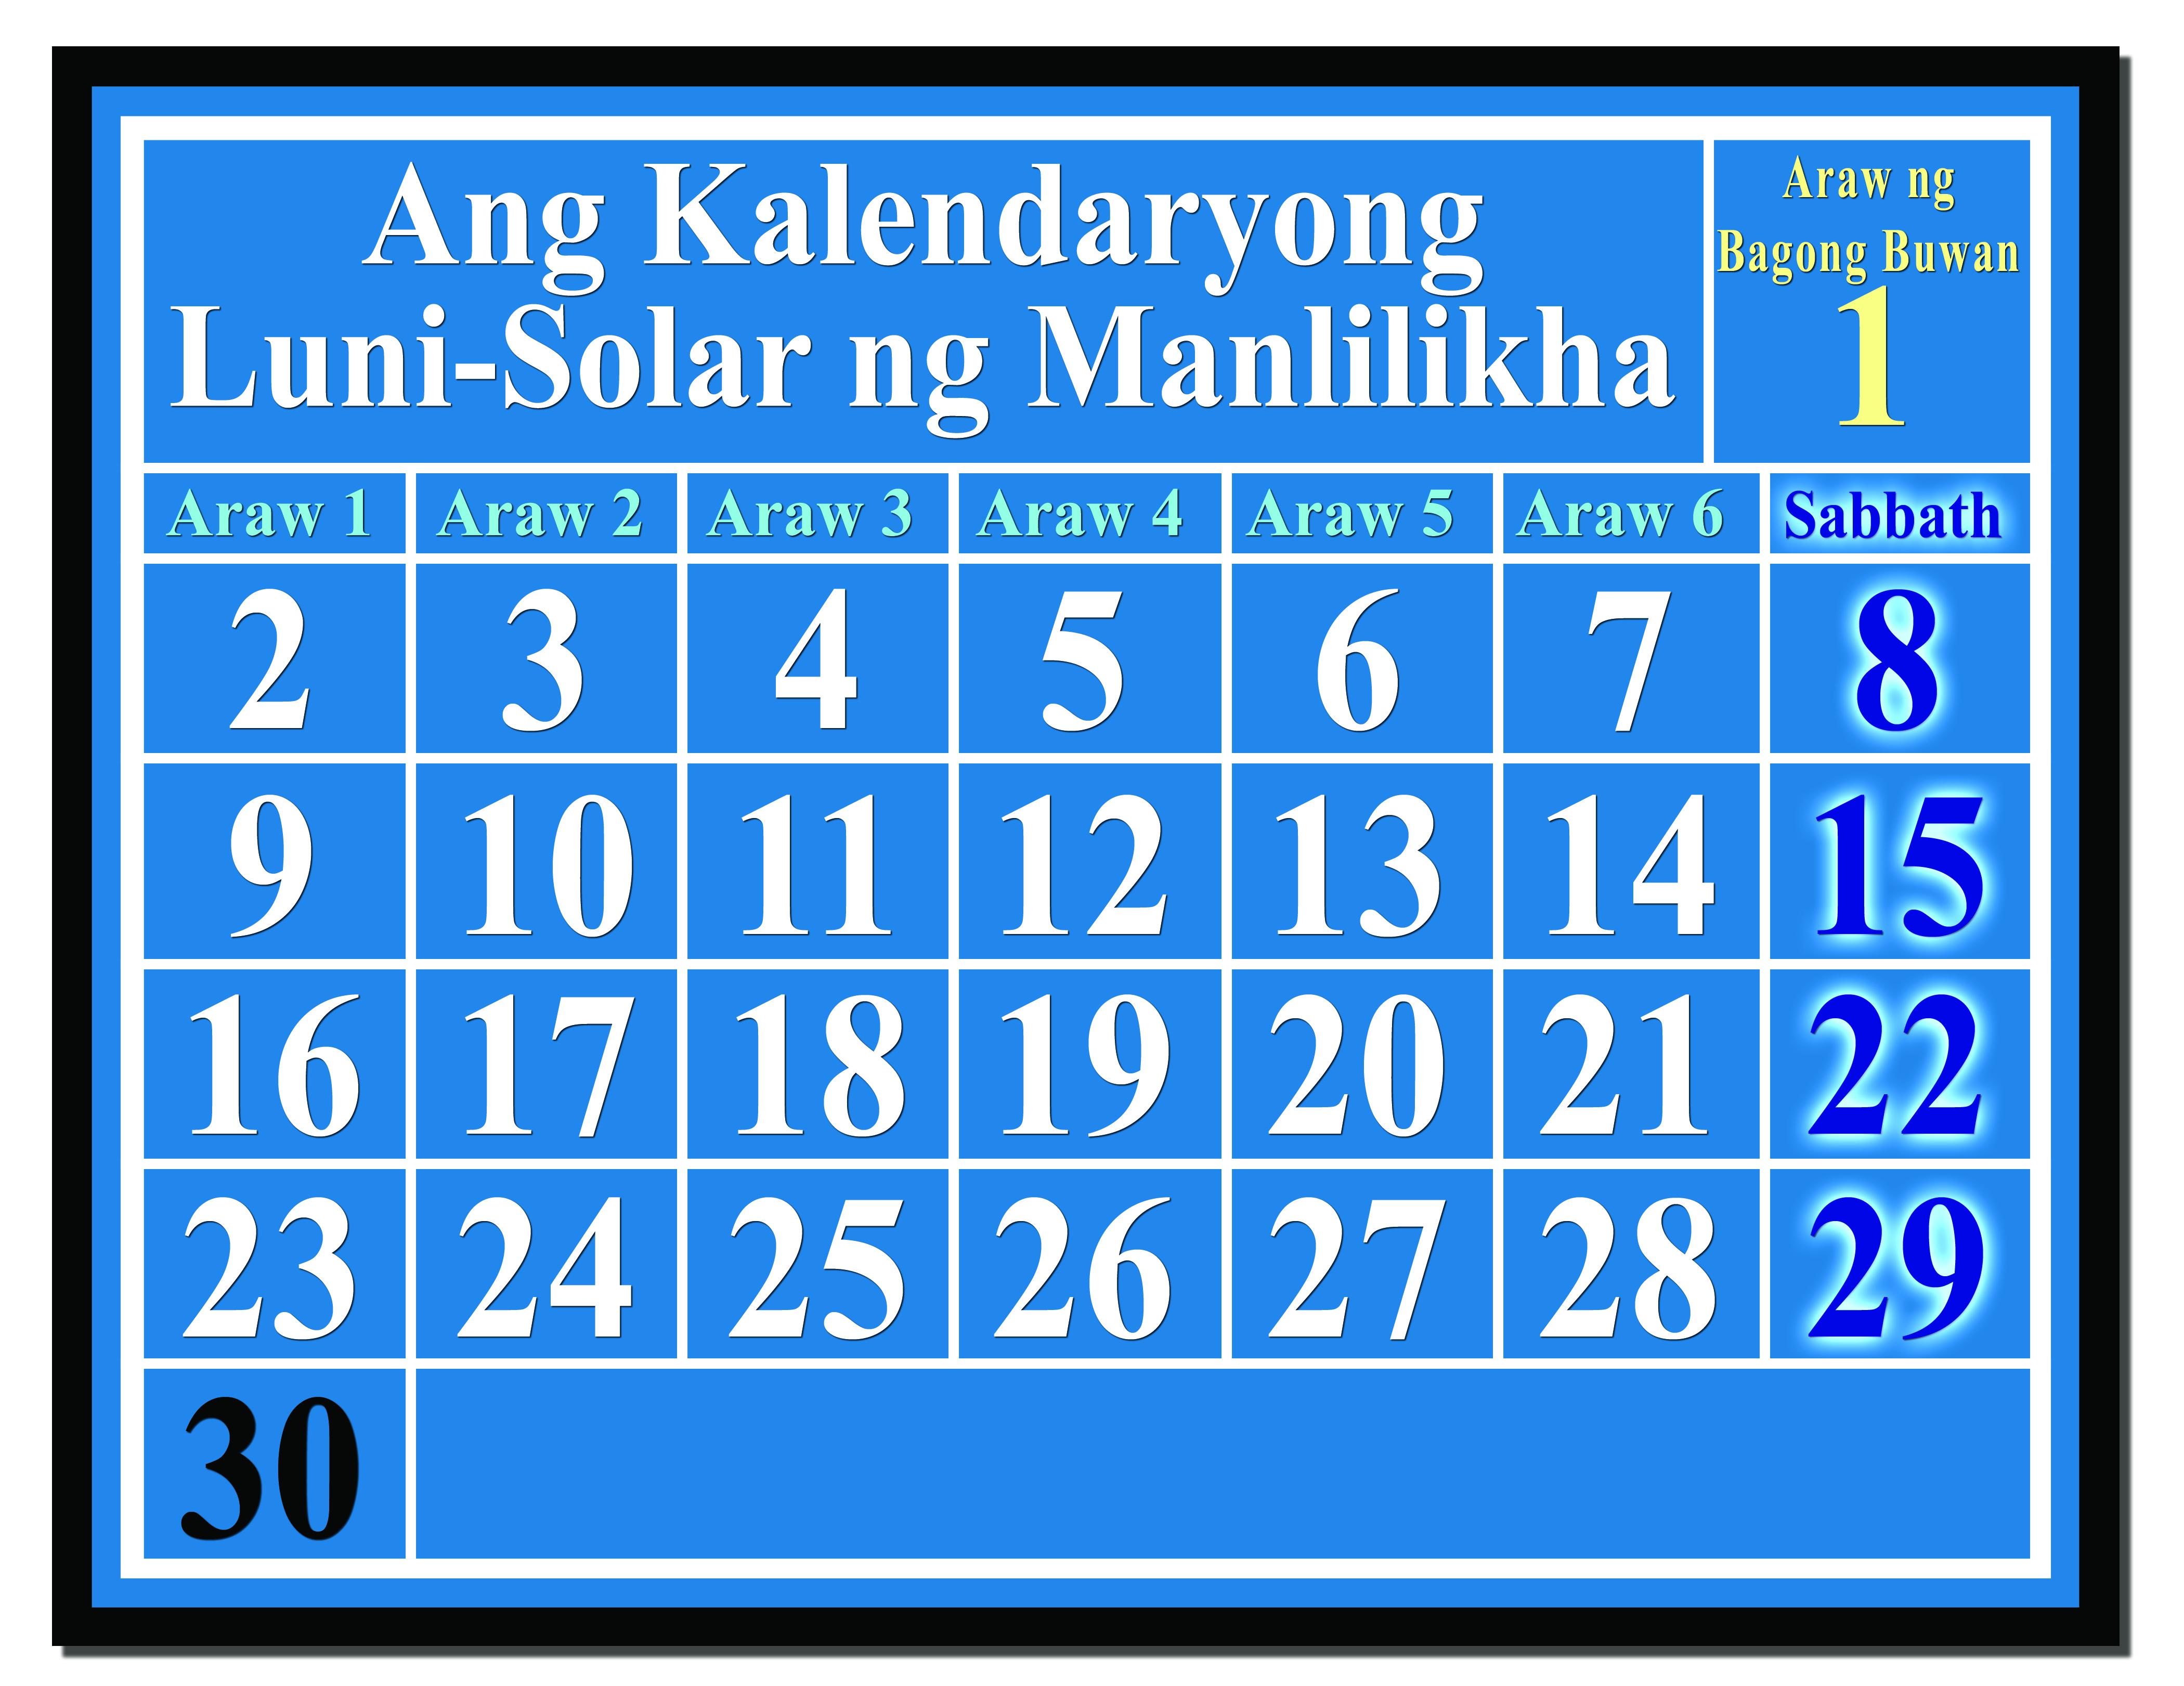 kalendaryong luni-solar, ipinapakita ang mga sabbath sa ika-8, ika-15, ika-22, at ika-29 na mga araw ng buwan